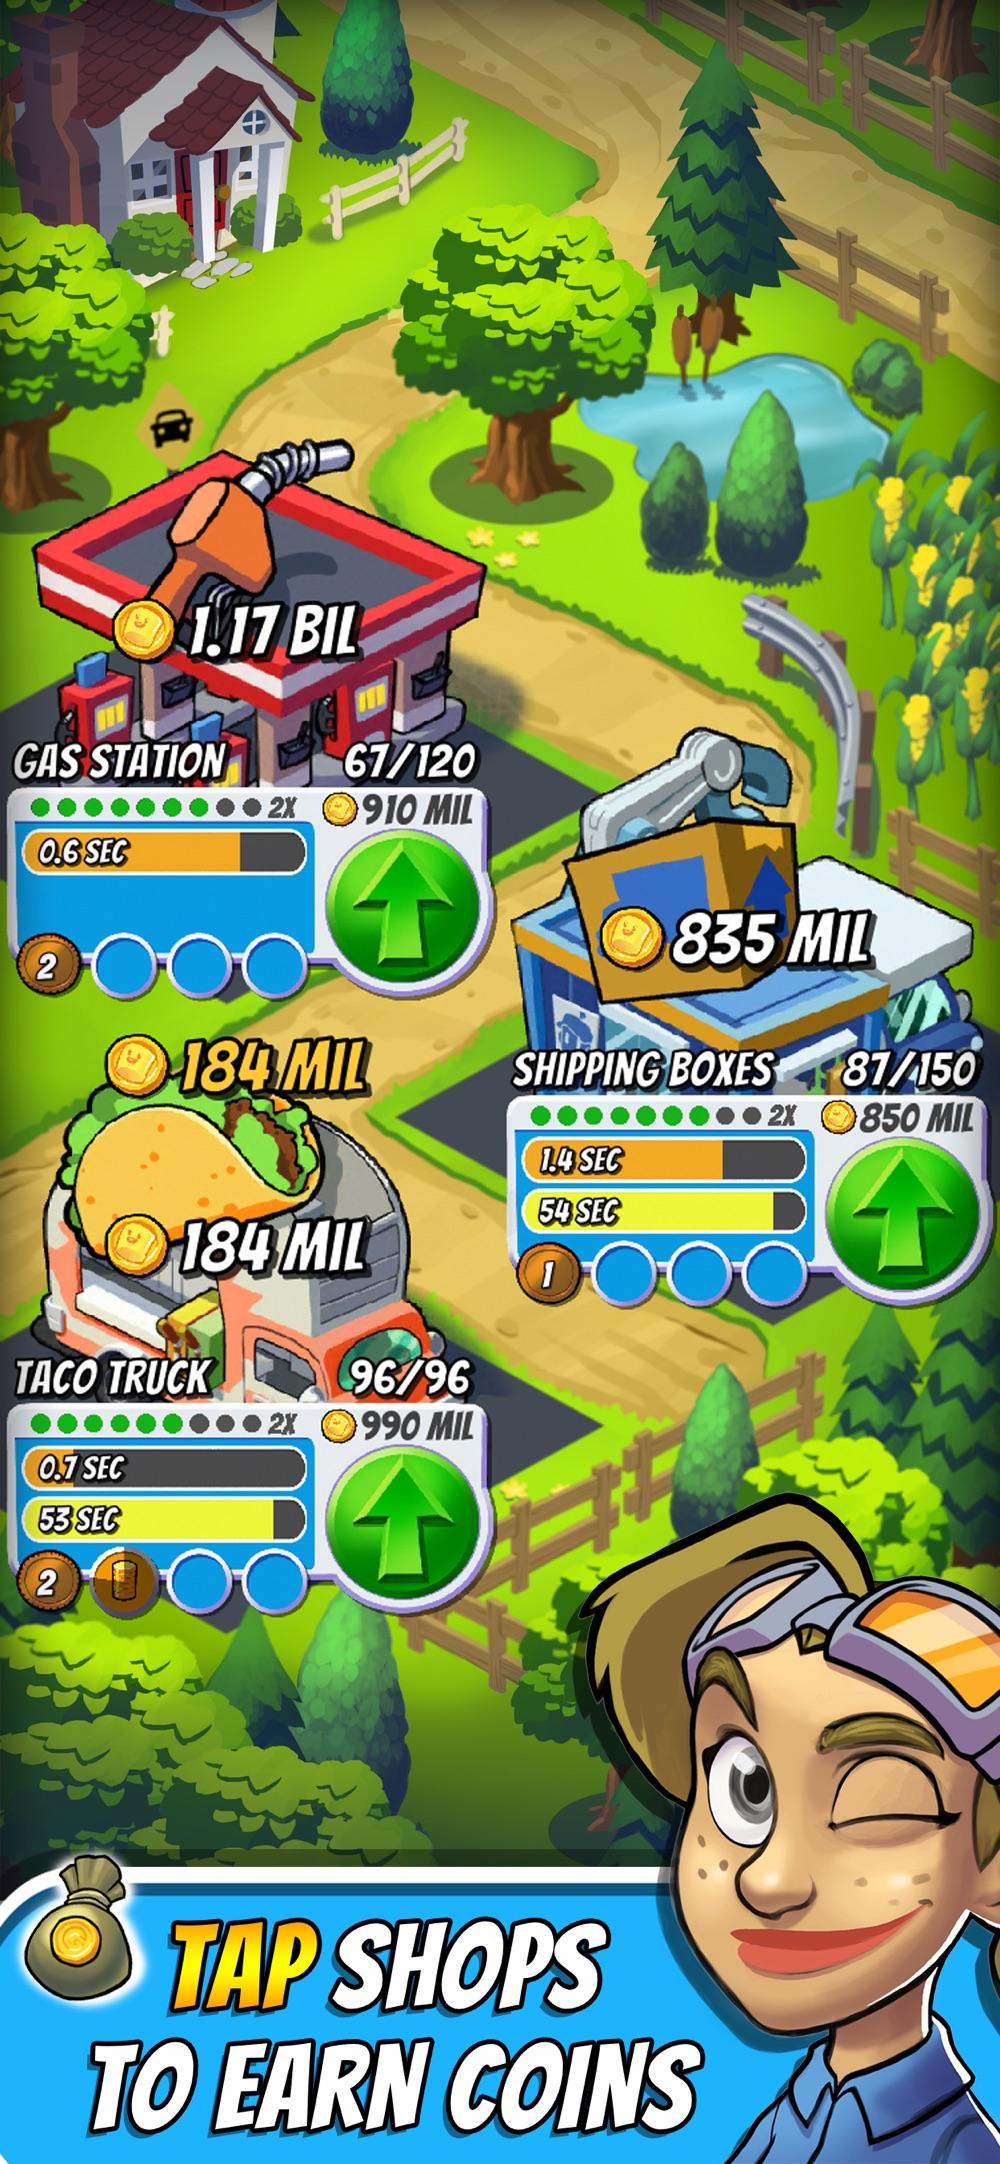 Tap Empire: Auto Tapper Game Cheat Codes